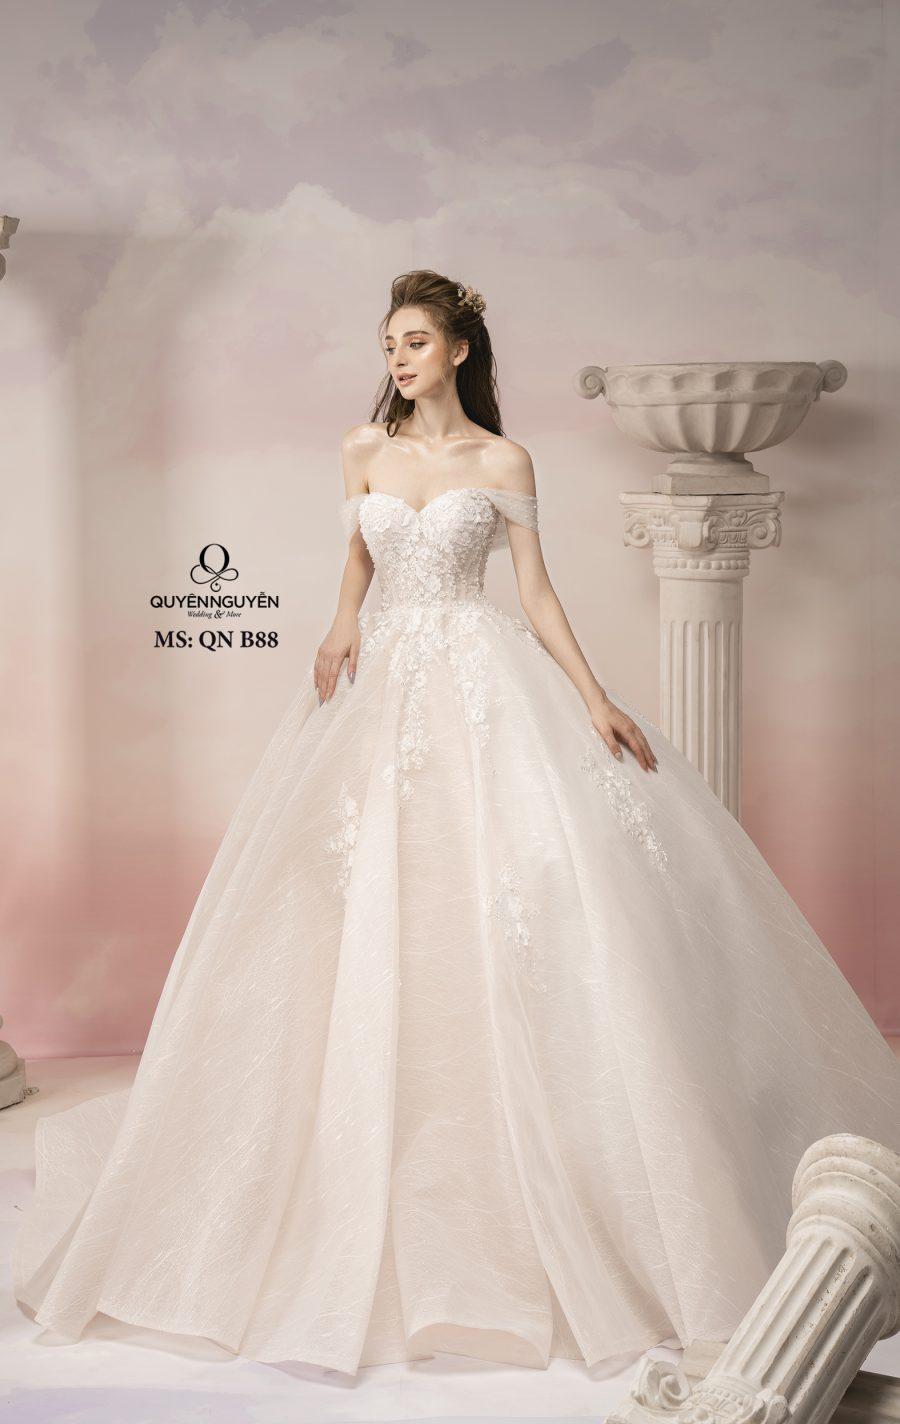 Tổng hợp các mẫu váy cưới trắng đẹp nhất của NTK Quyên Nguyễn